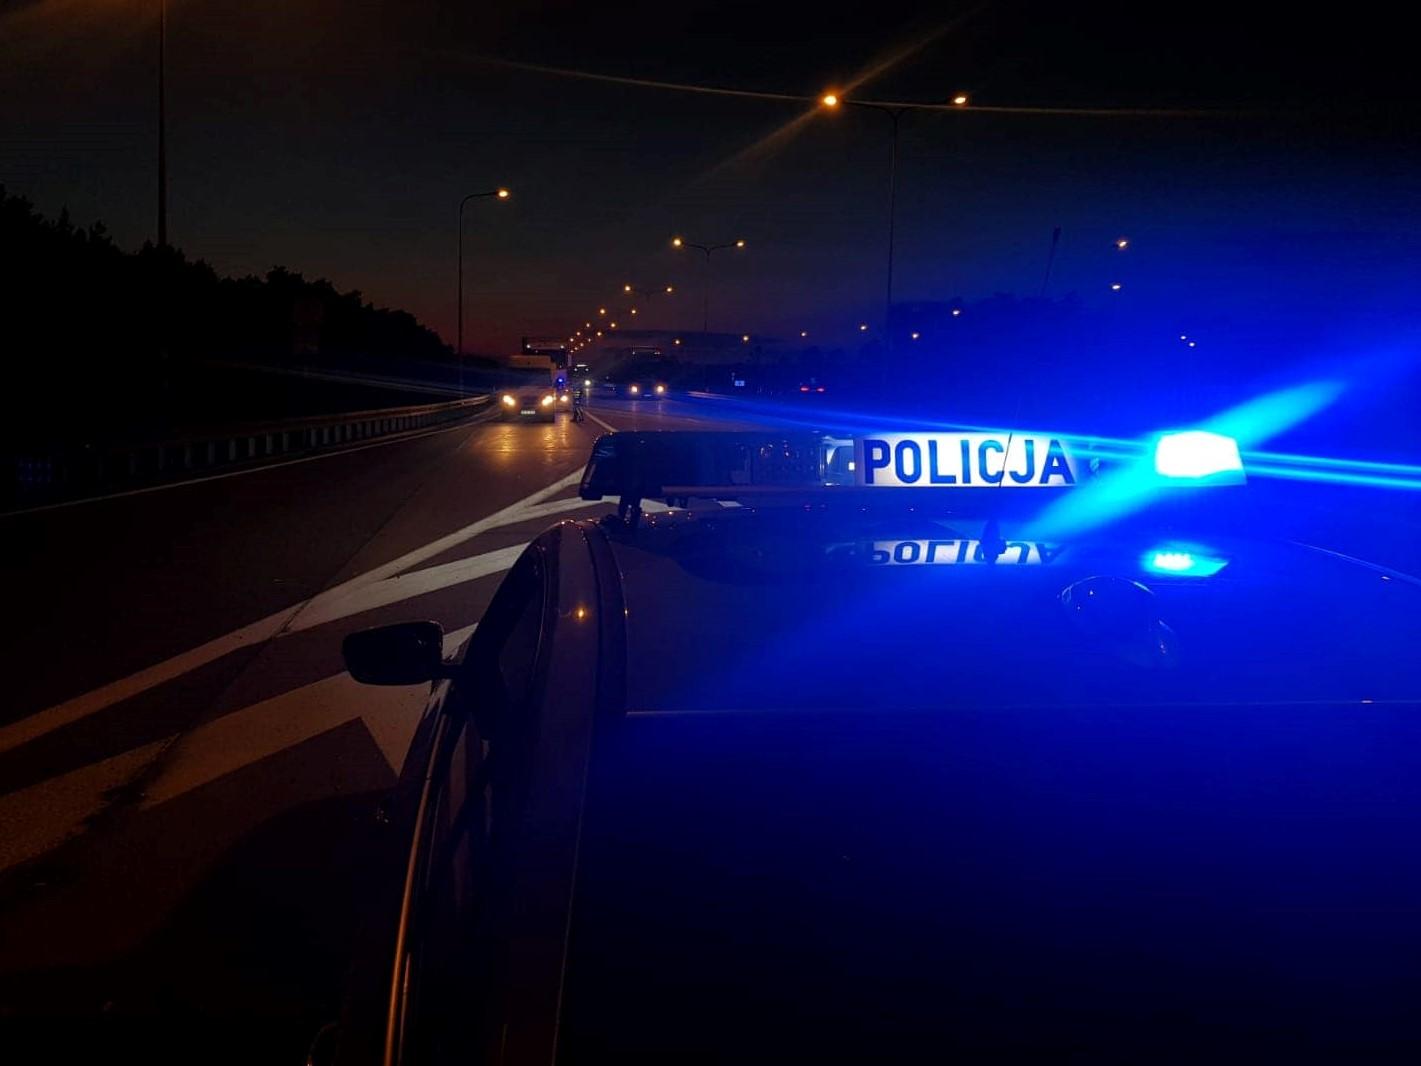 policja noc radiowóz - Wielkopolska Policja